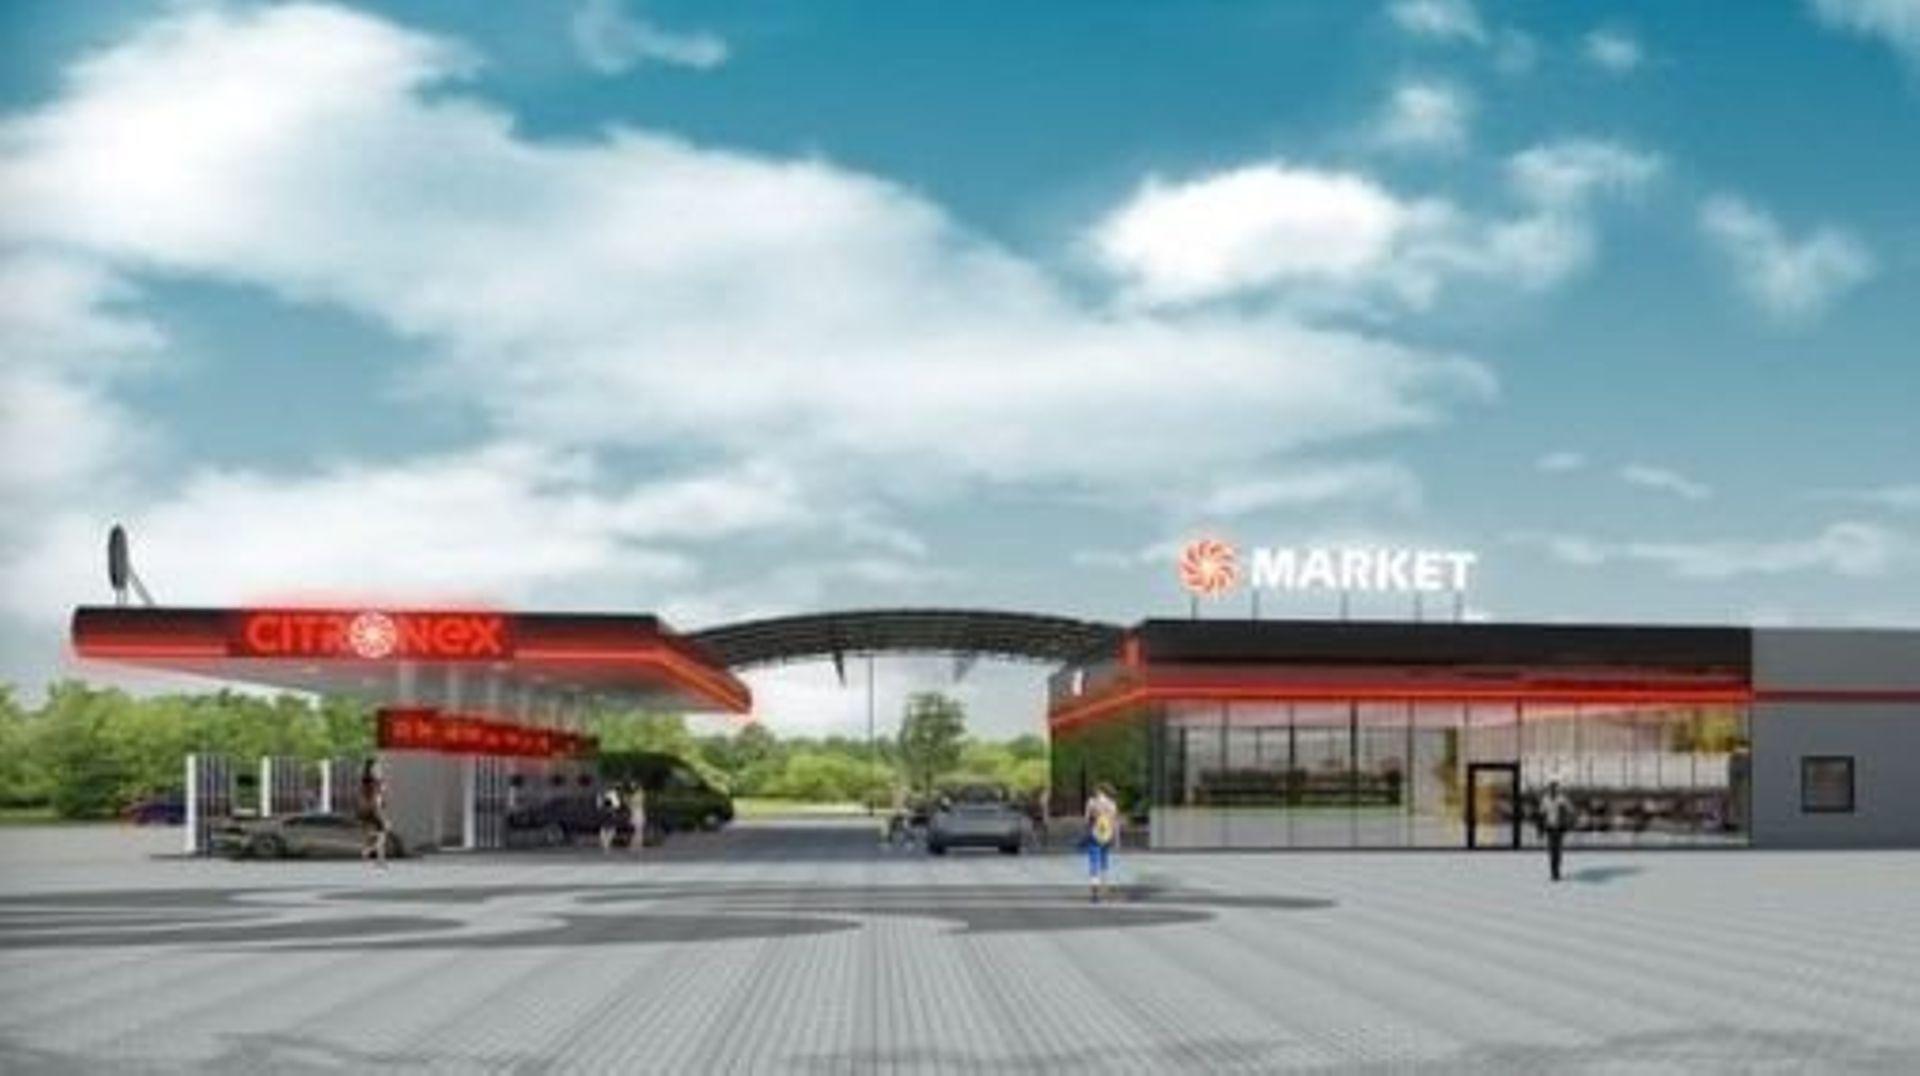 Dolny Śląsk: W Zgorzelcu otwarto największą stację benzynową w Polsce